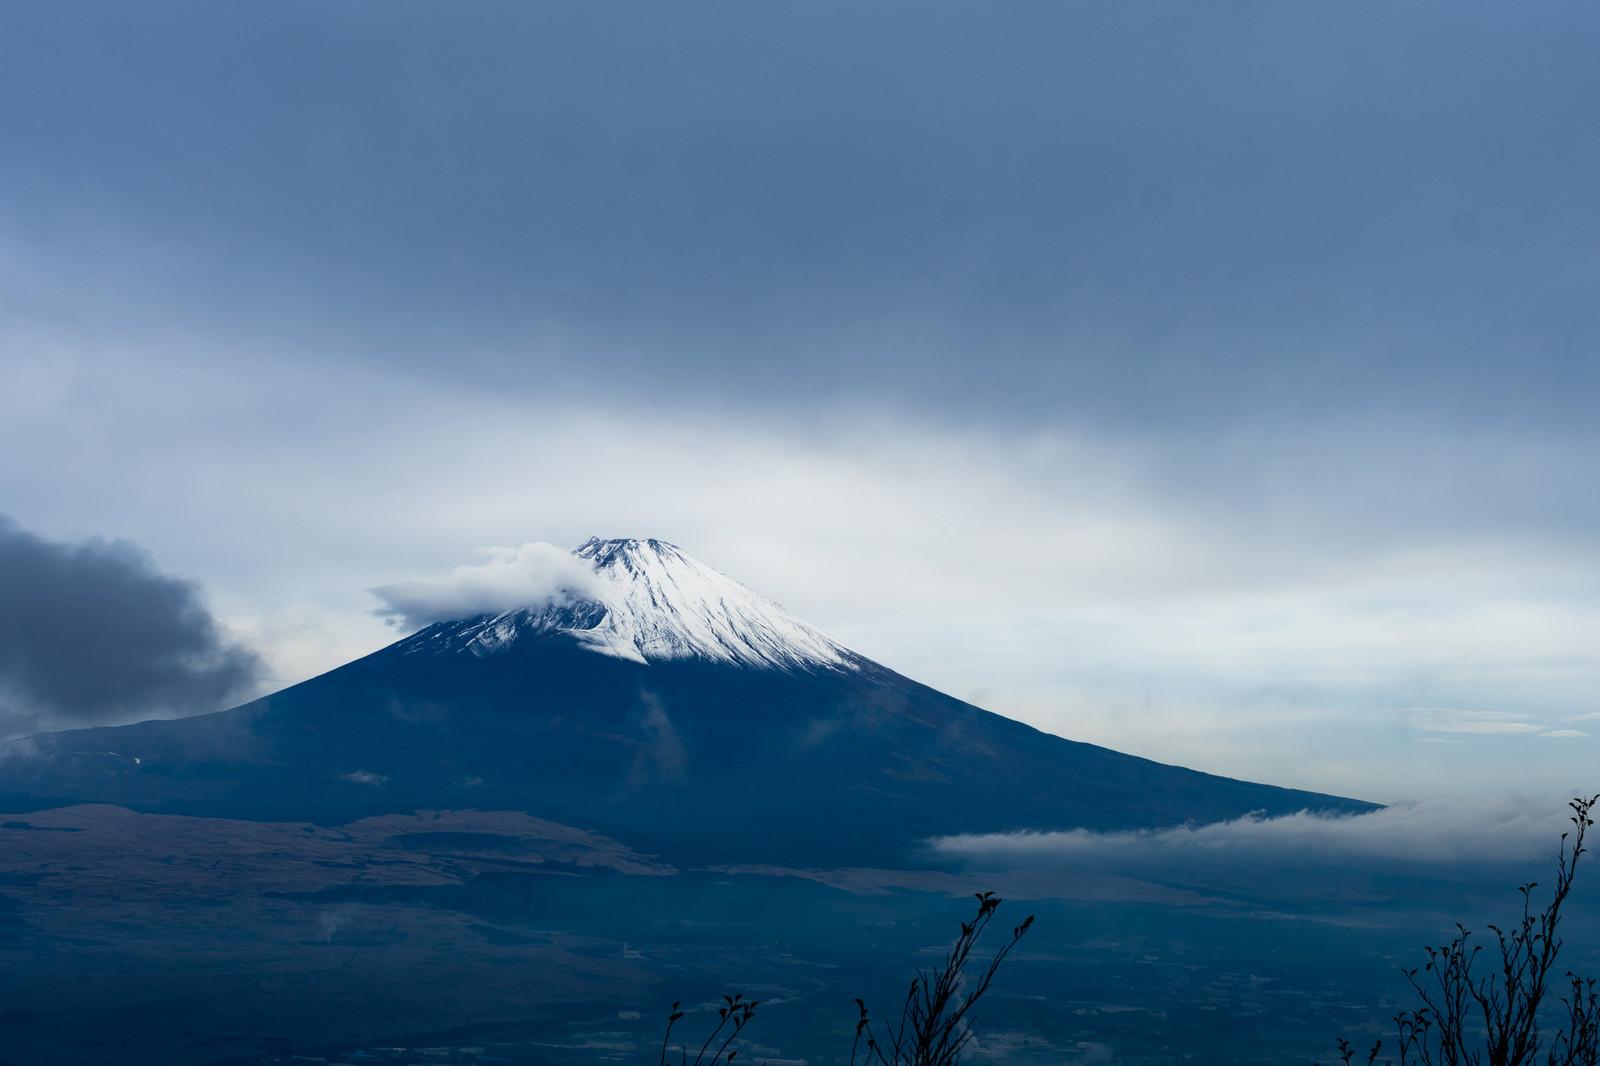 富士山の日帰り登山は初心者でも大丈夫?ルート選びや時間などを徹底調査!